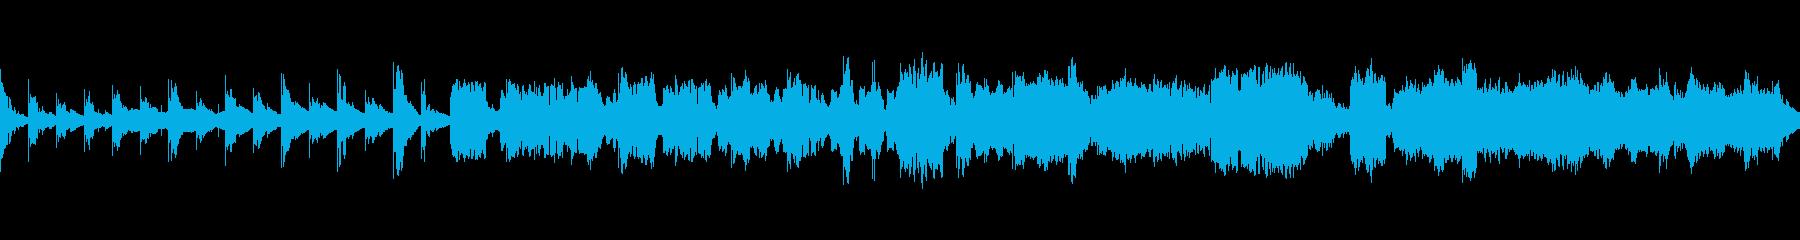 【ループ】クラリネットと鉄琴のヒーリングの再生済みの波形